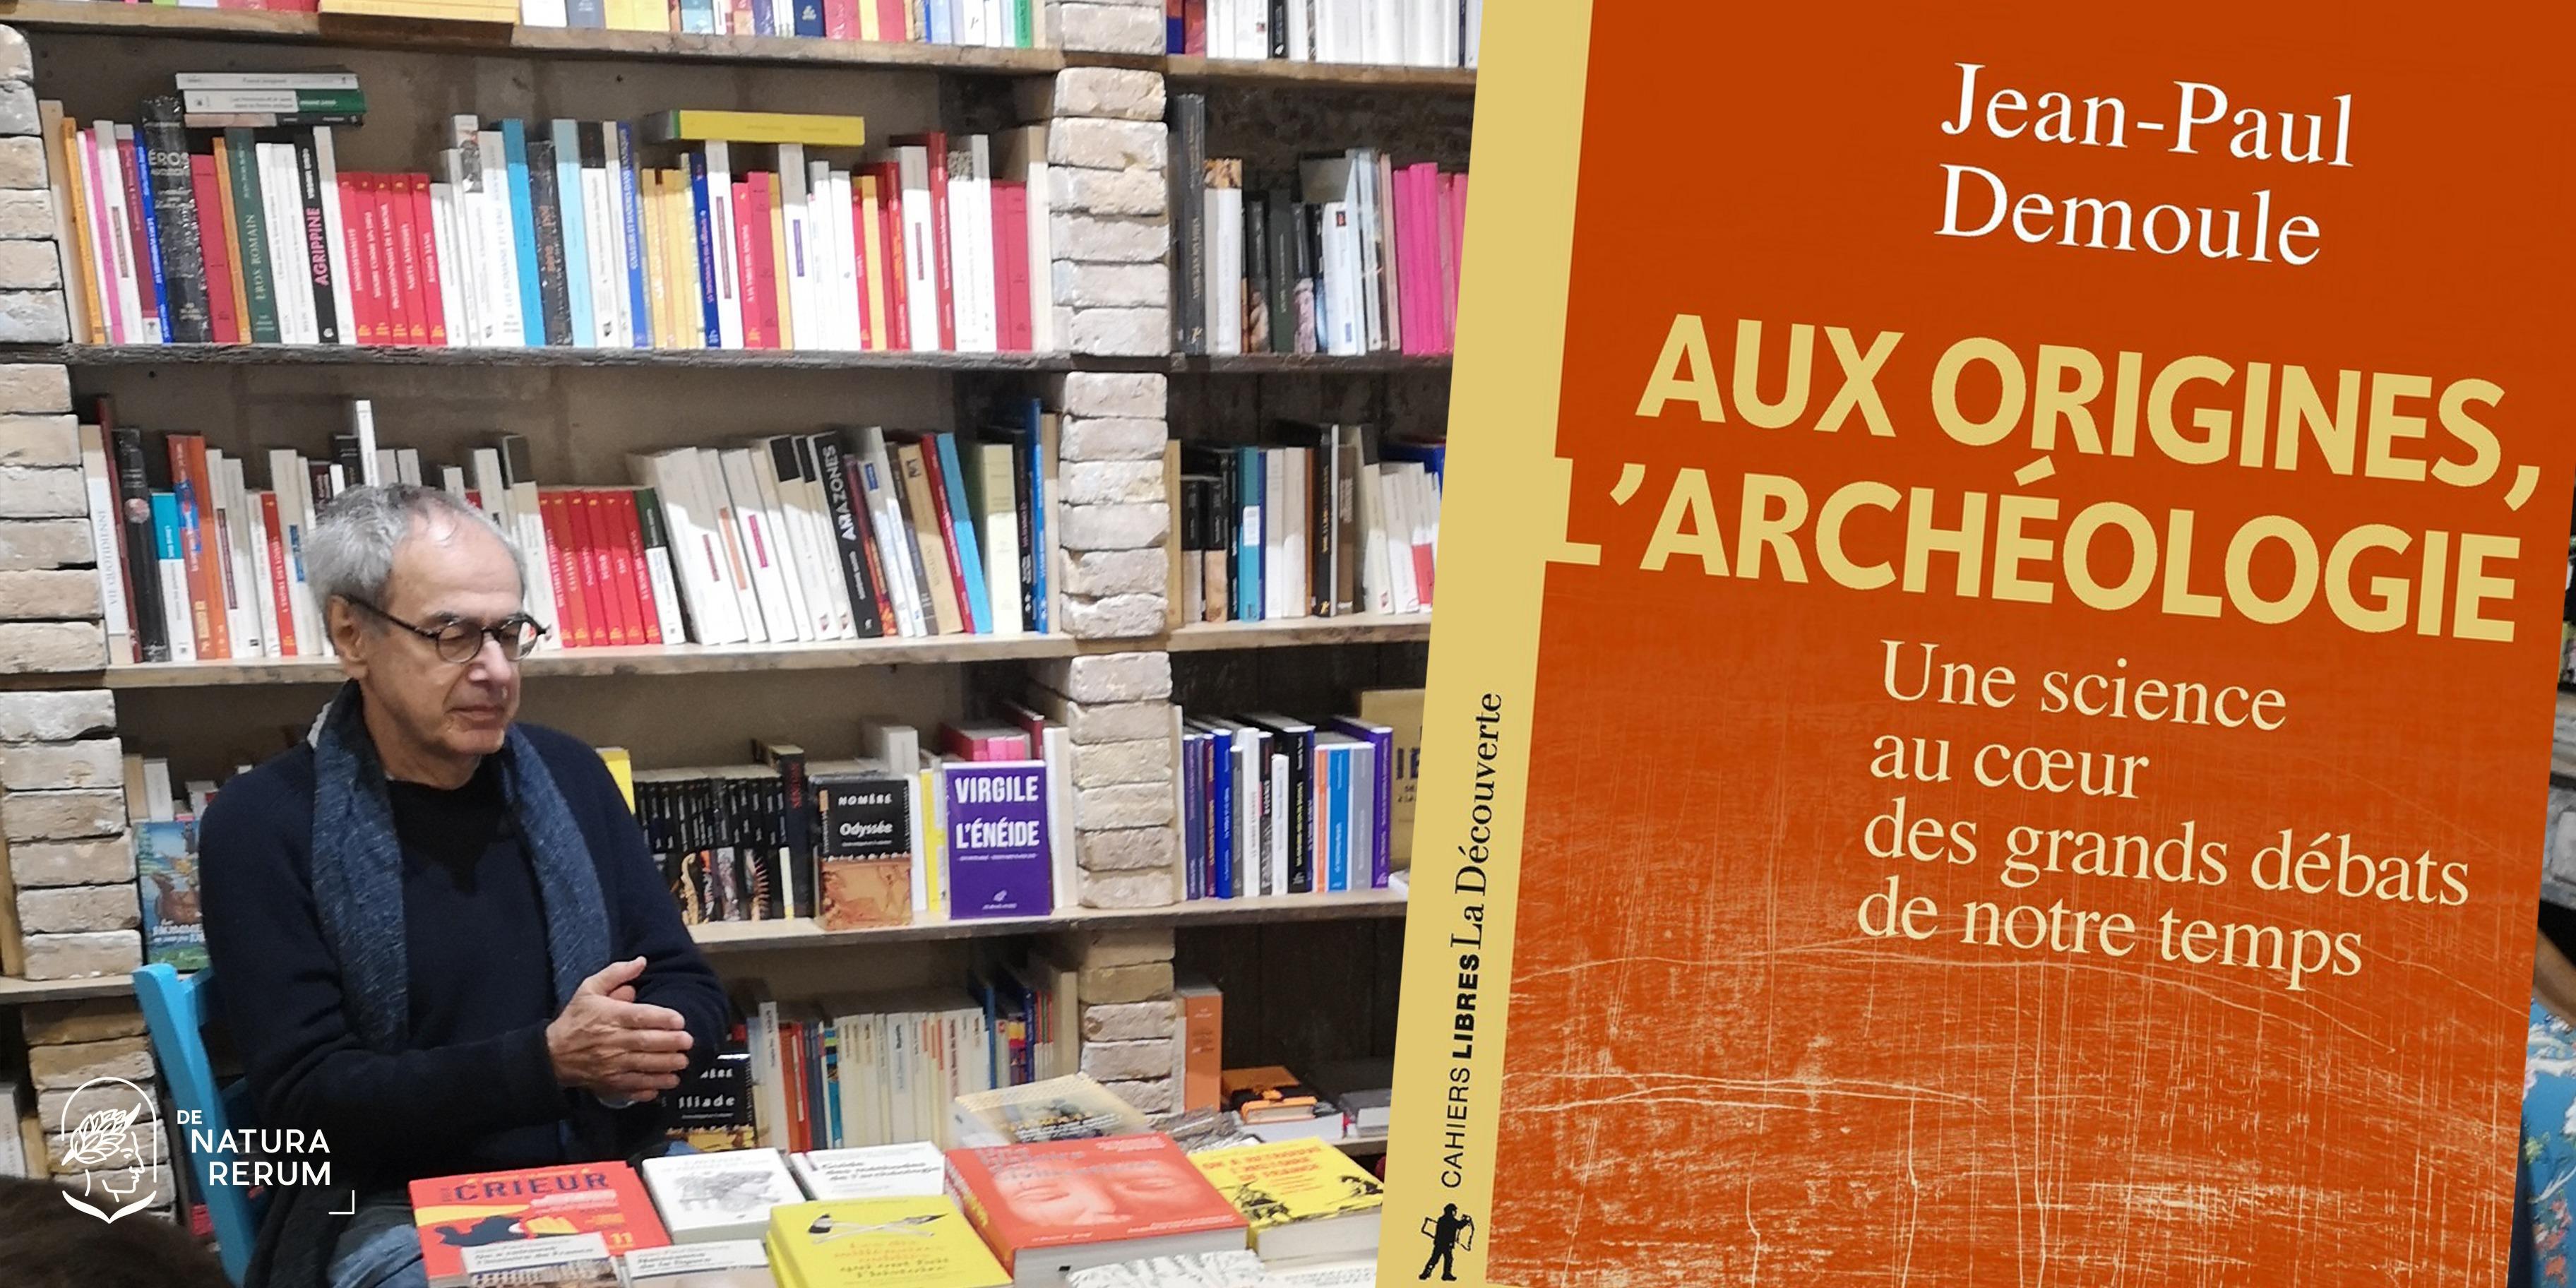 Rencontre avec Jean-Paul Demoule, archéologue et préhistorien, autour de son dernier ouvrage, Aux origines, l'archéologie (La Découverte, 2020).